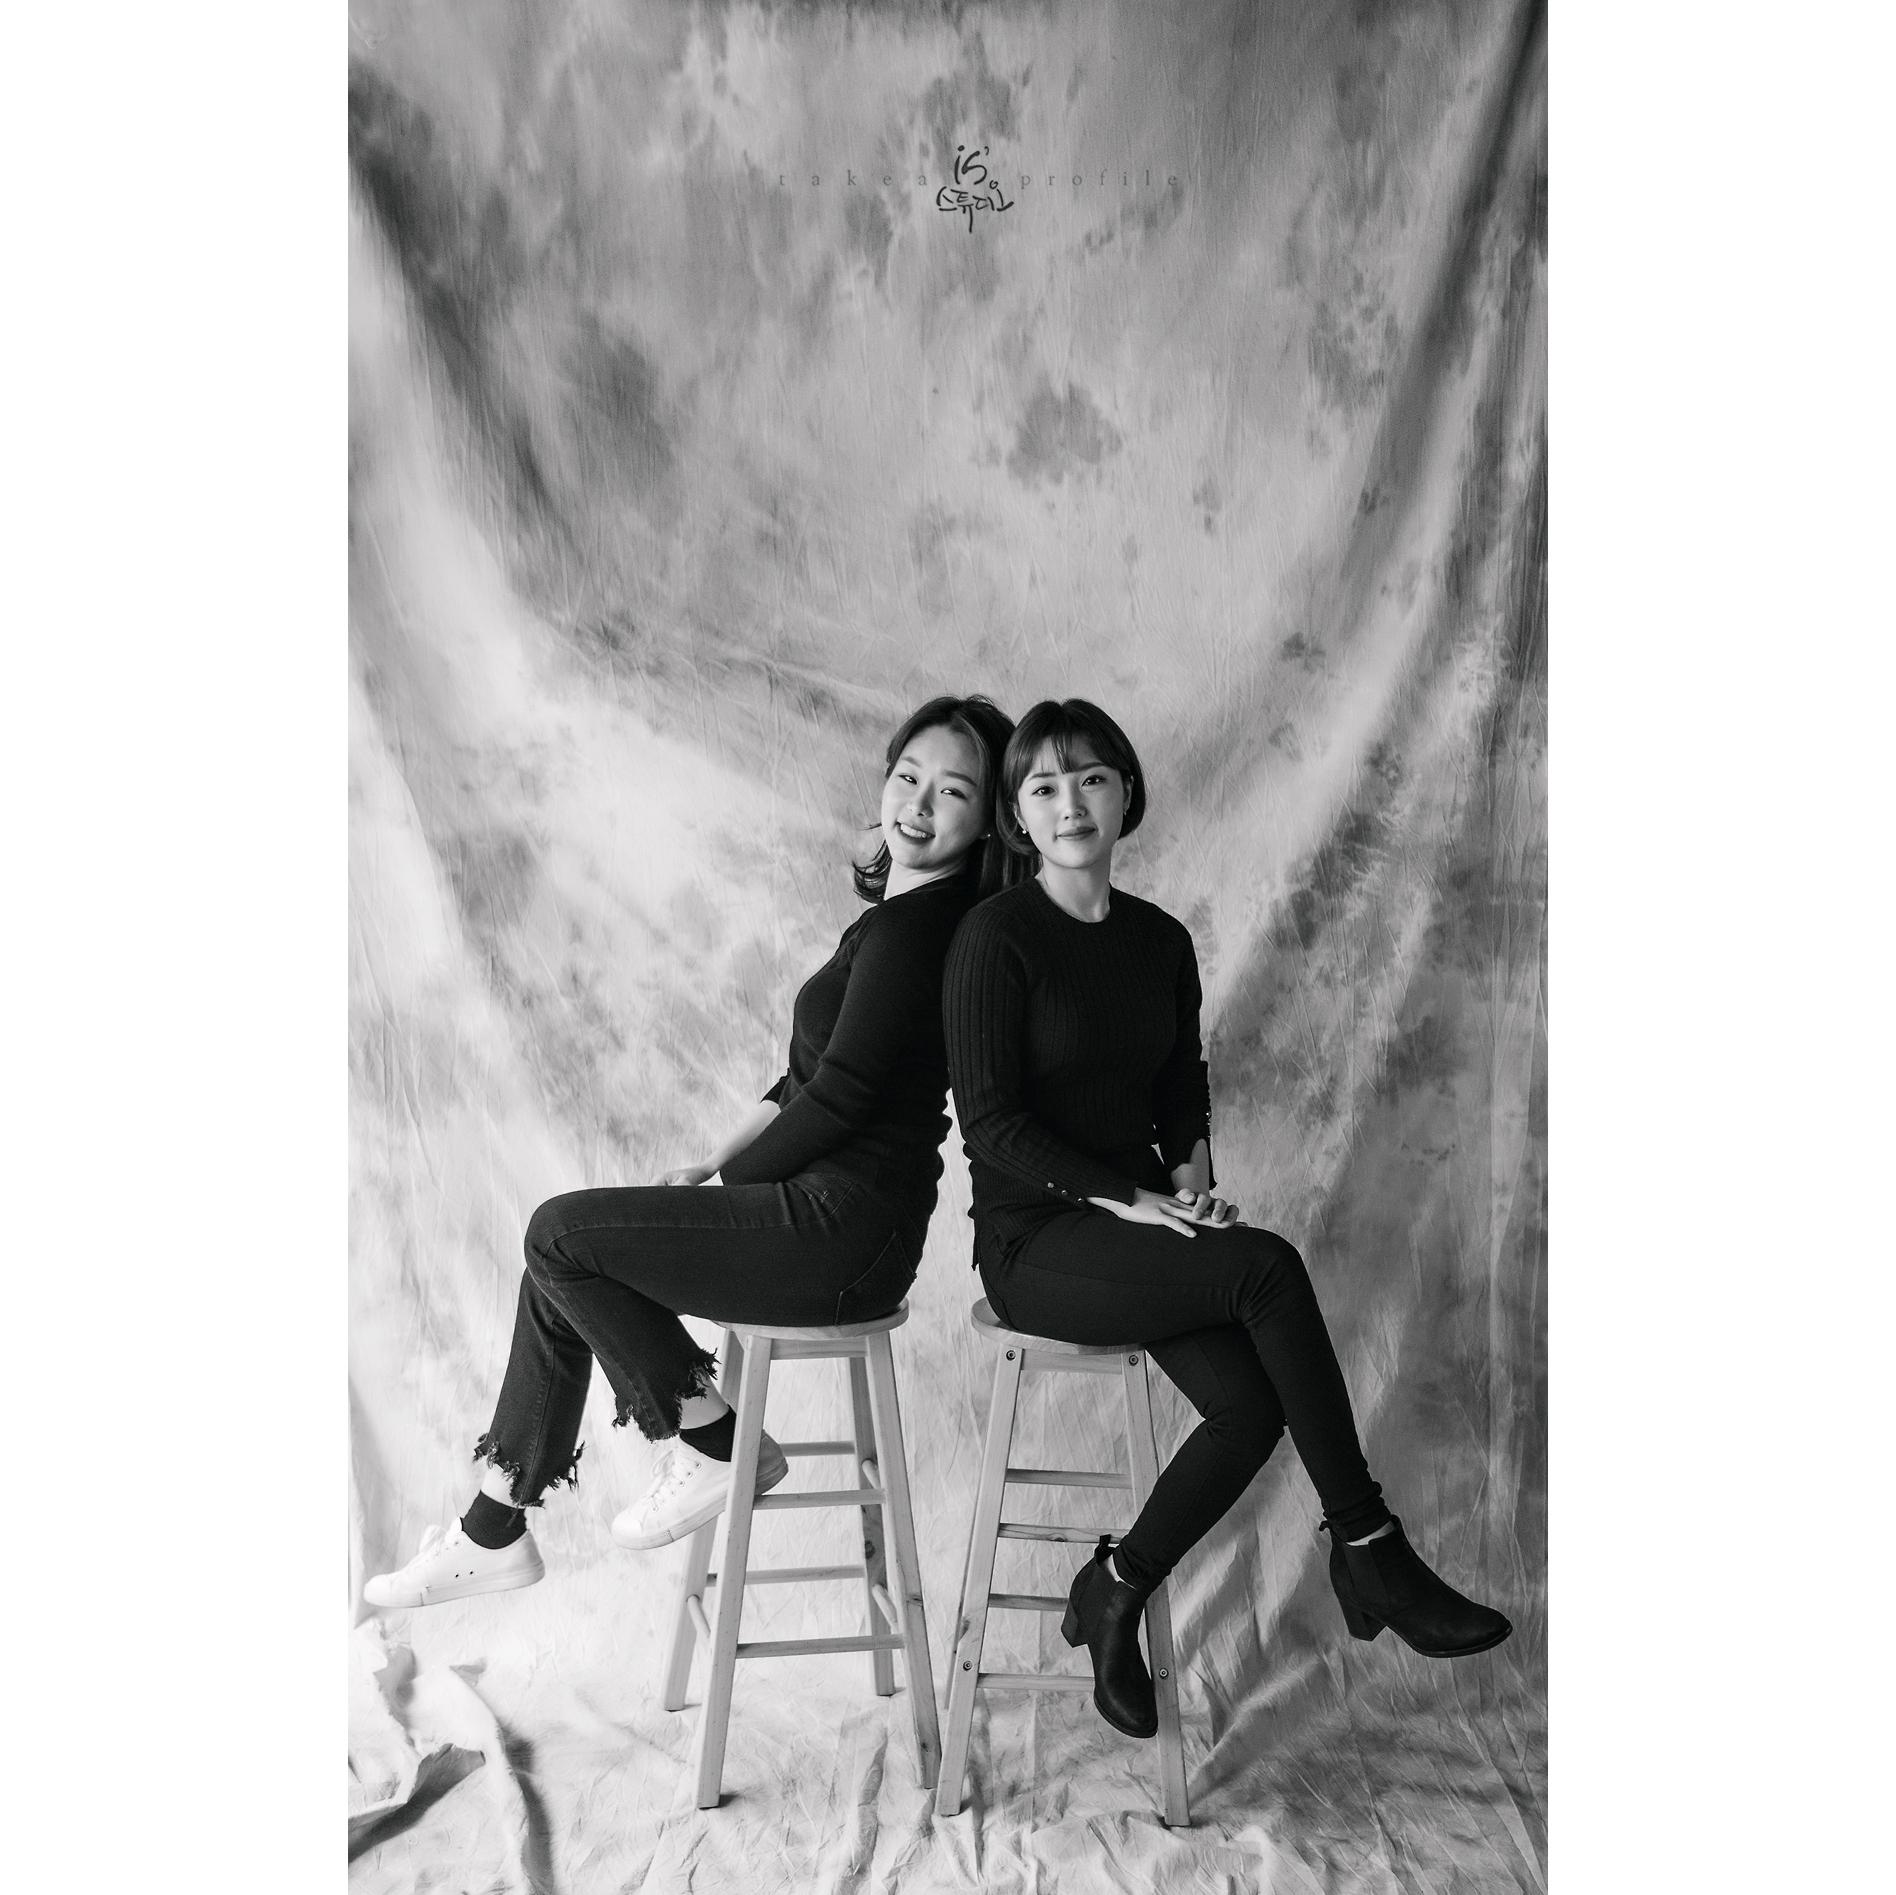 그녀들의 우정사진